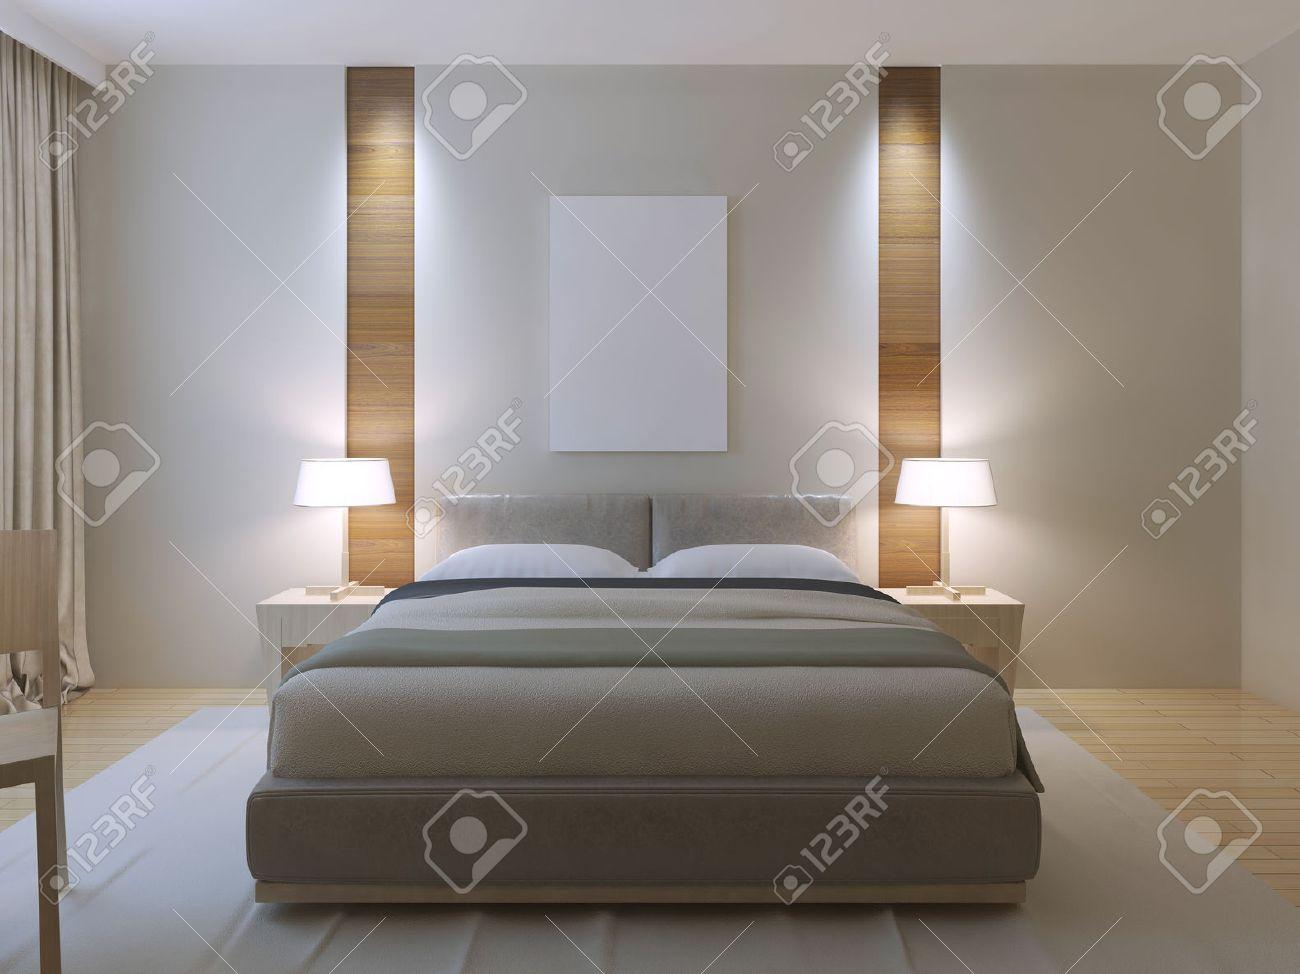 Inspirierend Moderne Wände Foto Von Schlafzimmer-design. Gekleidet Doppelbett Mit Lether Kopfteil, Weiße